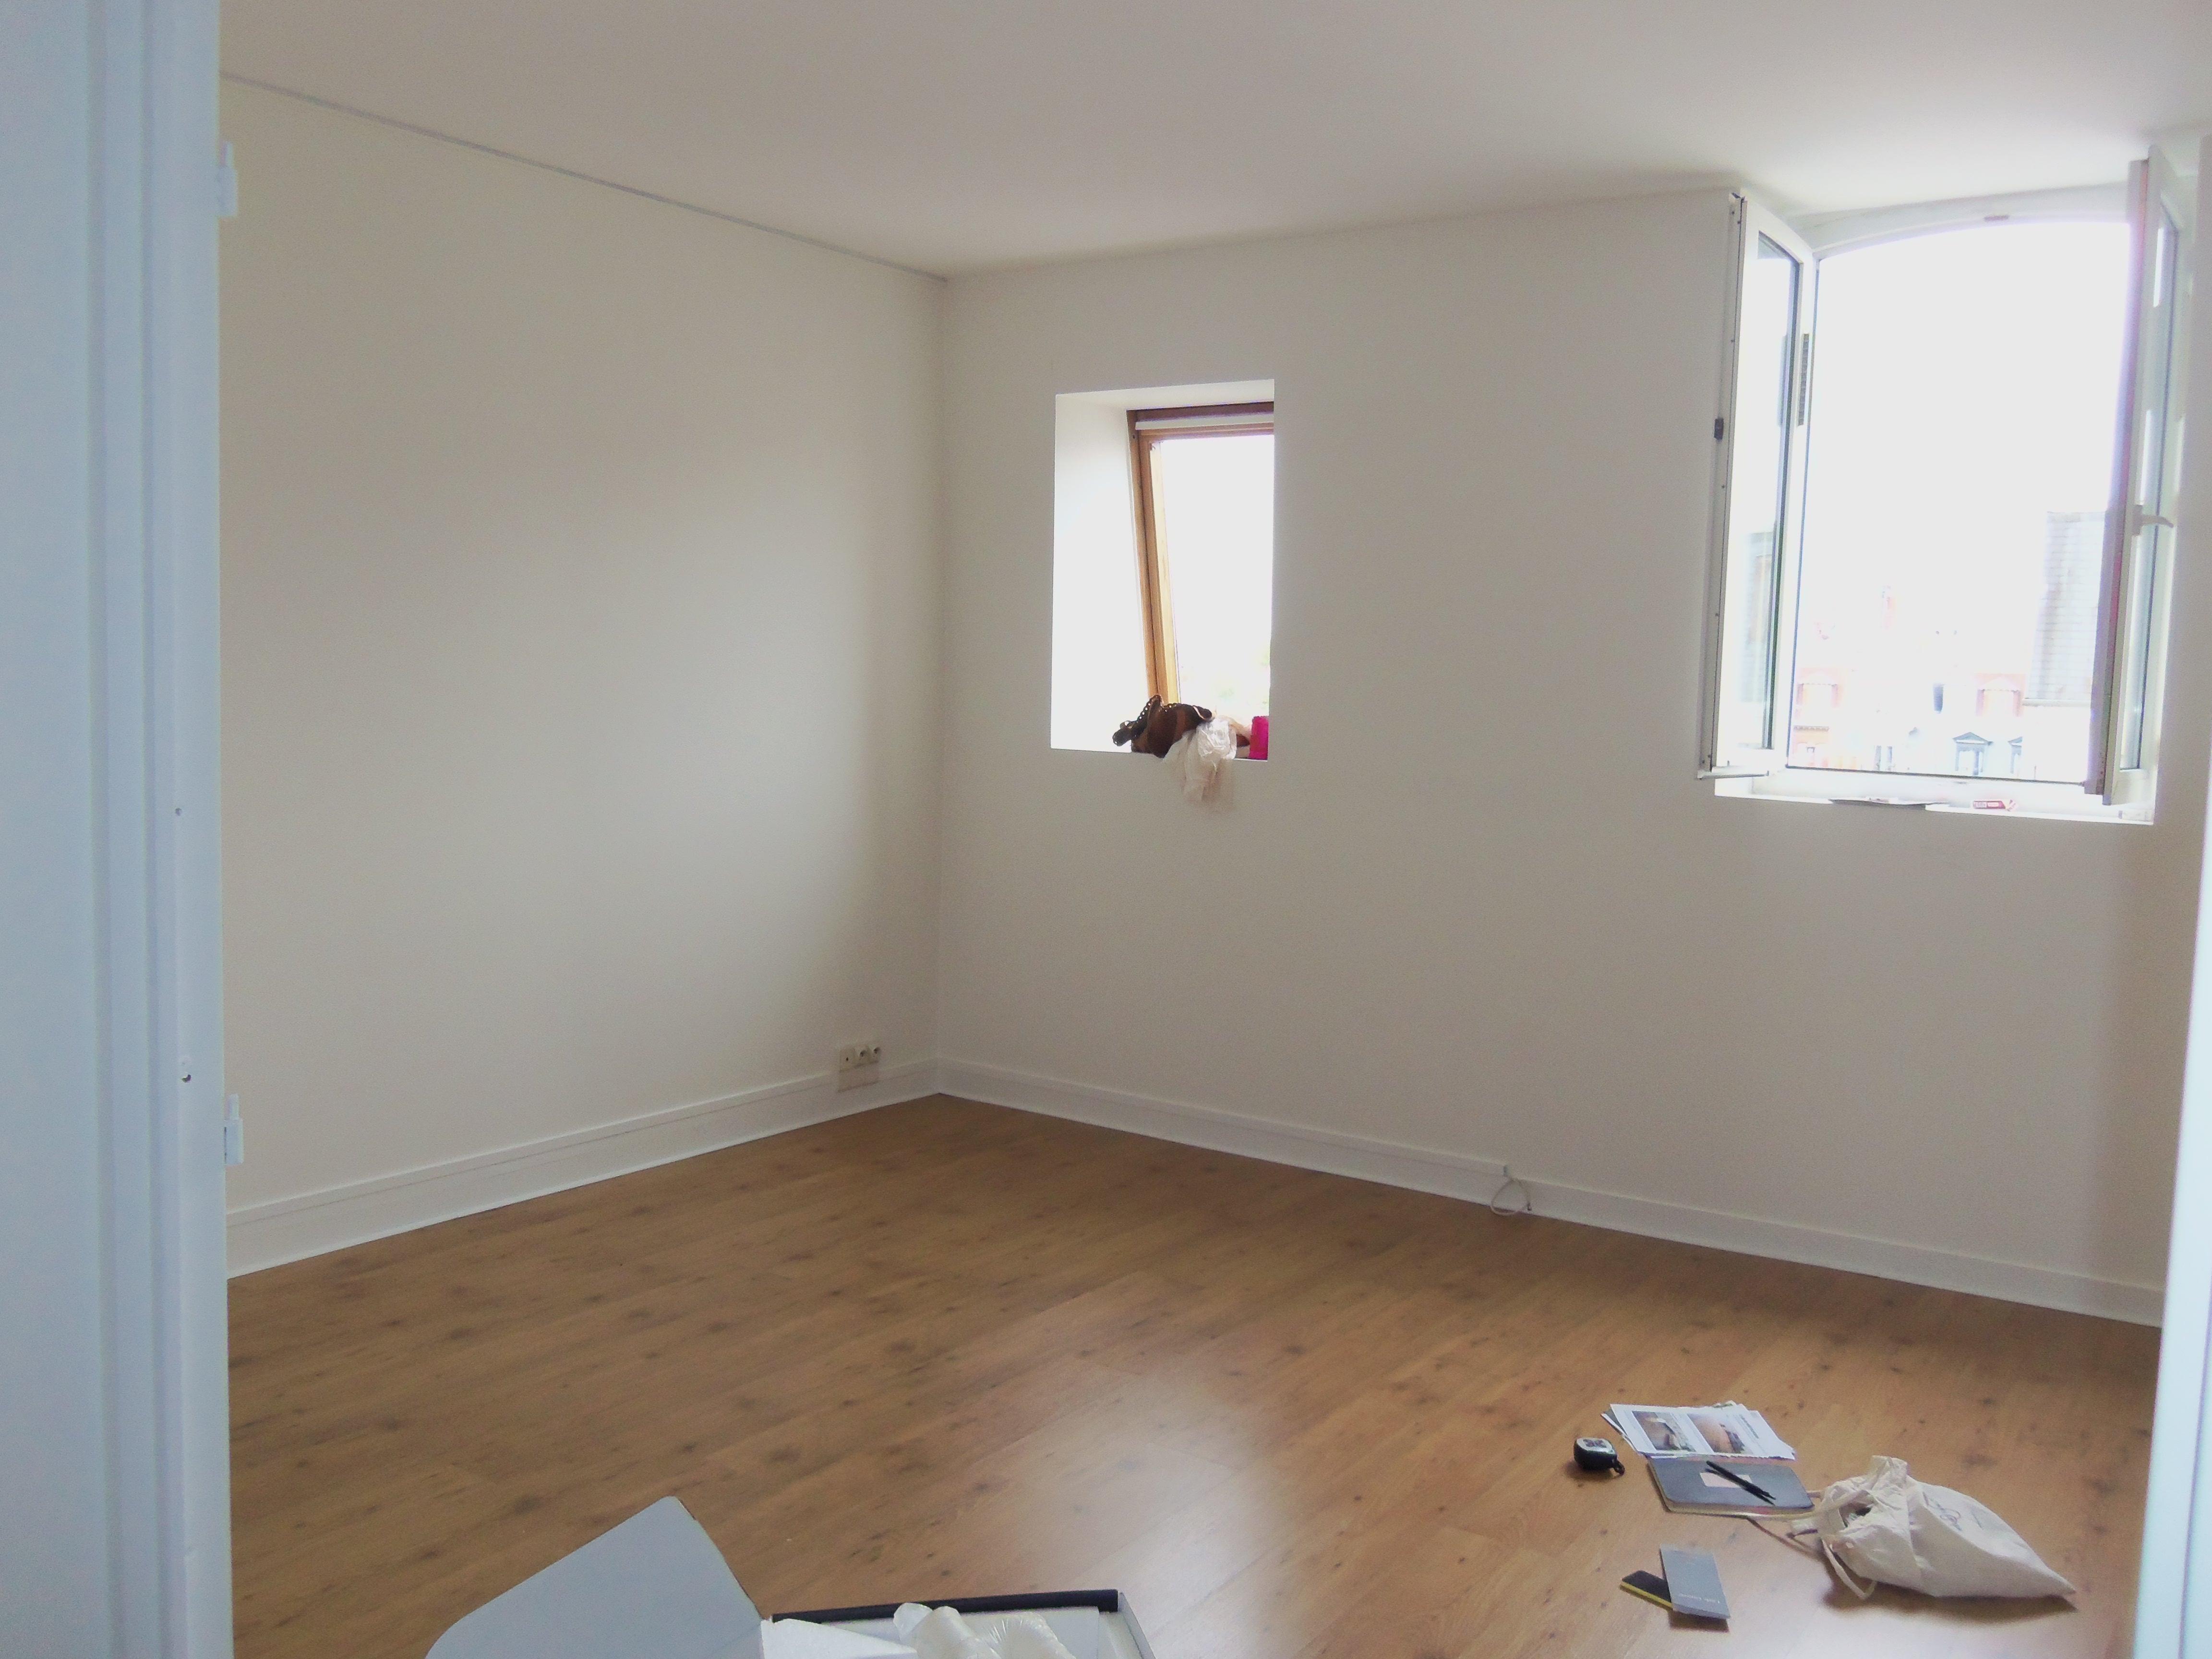 En cours... - Appartement de MC - Saint-Mandé (94)